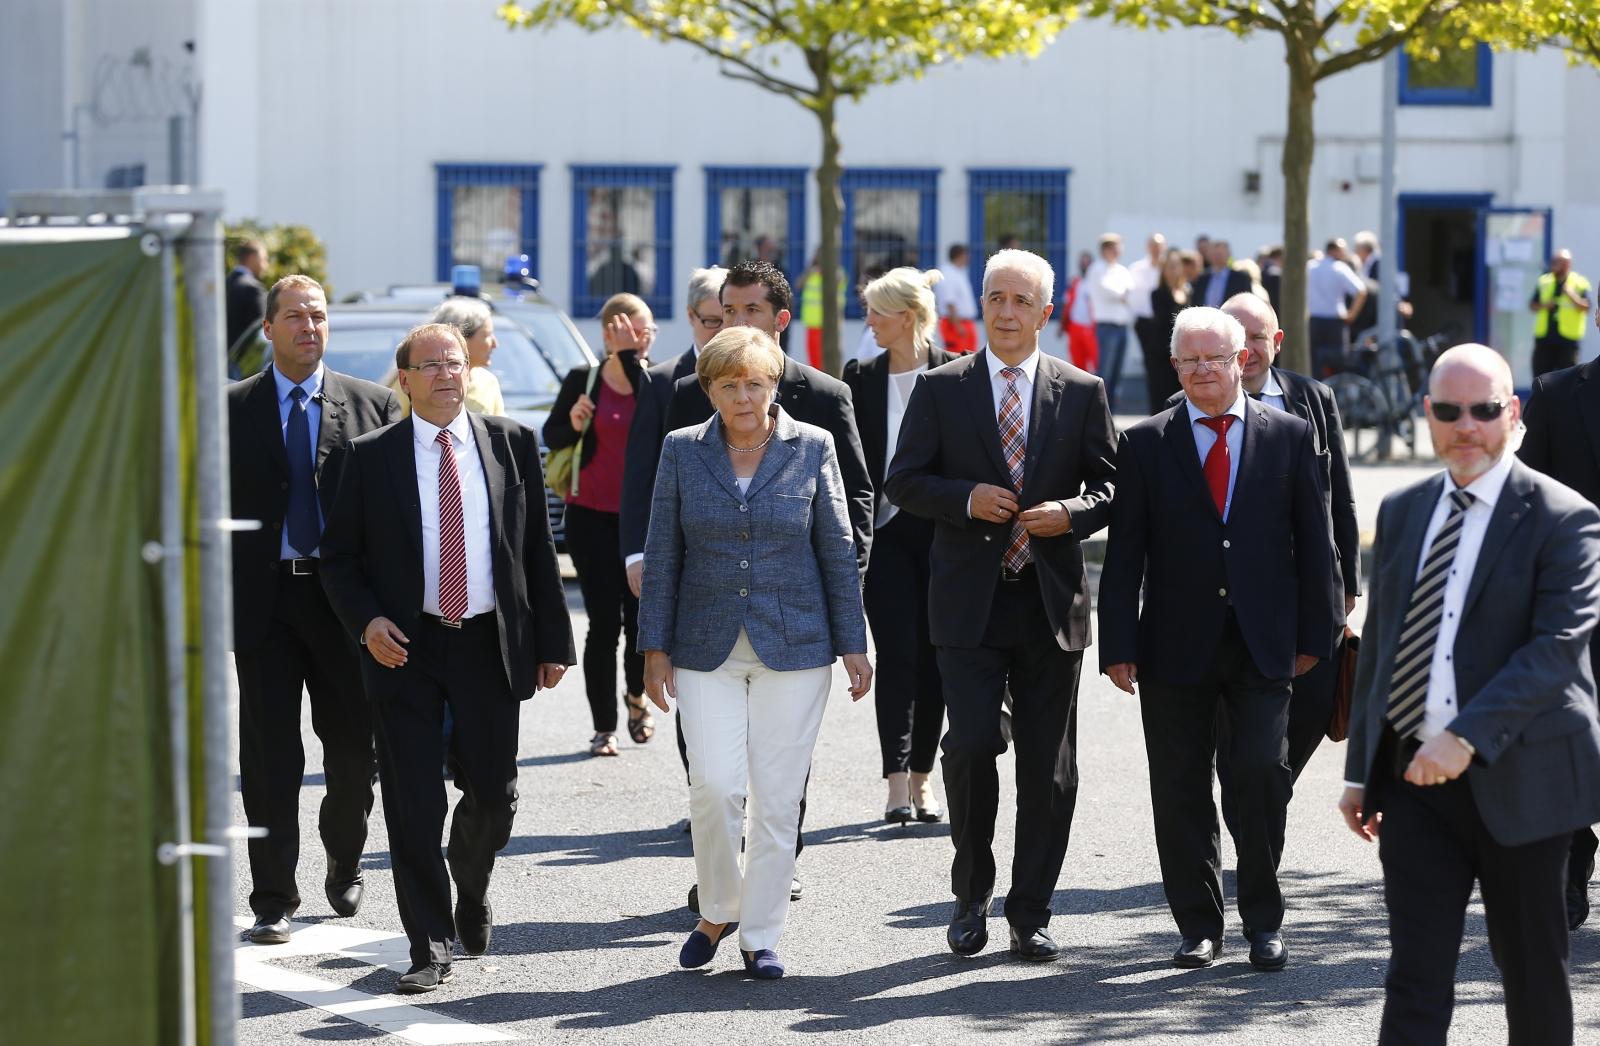 Angela Merkel booed refugee shelter